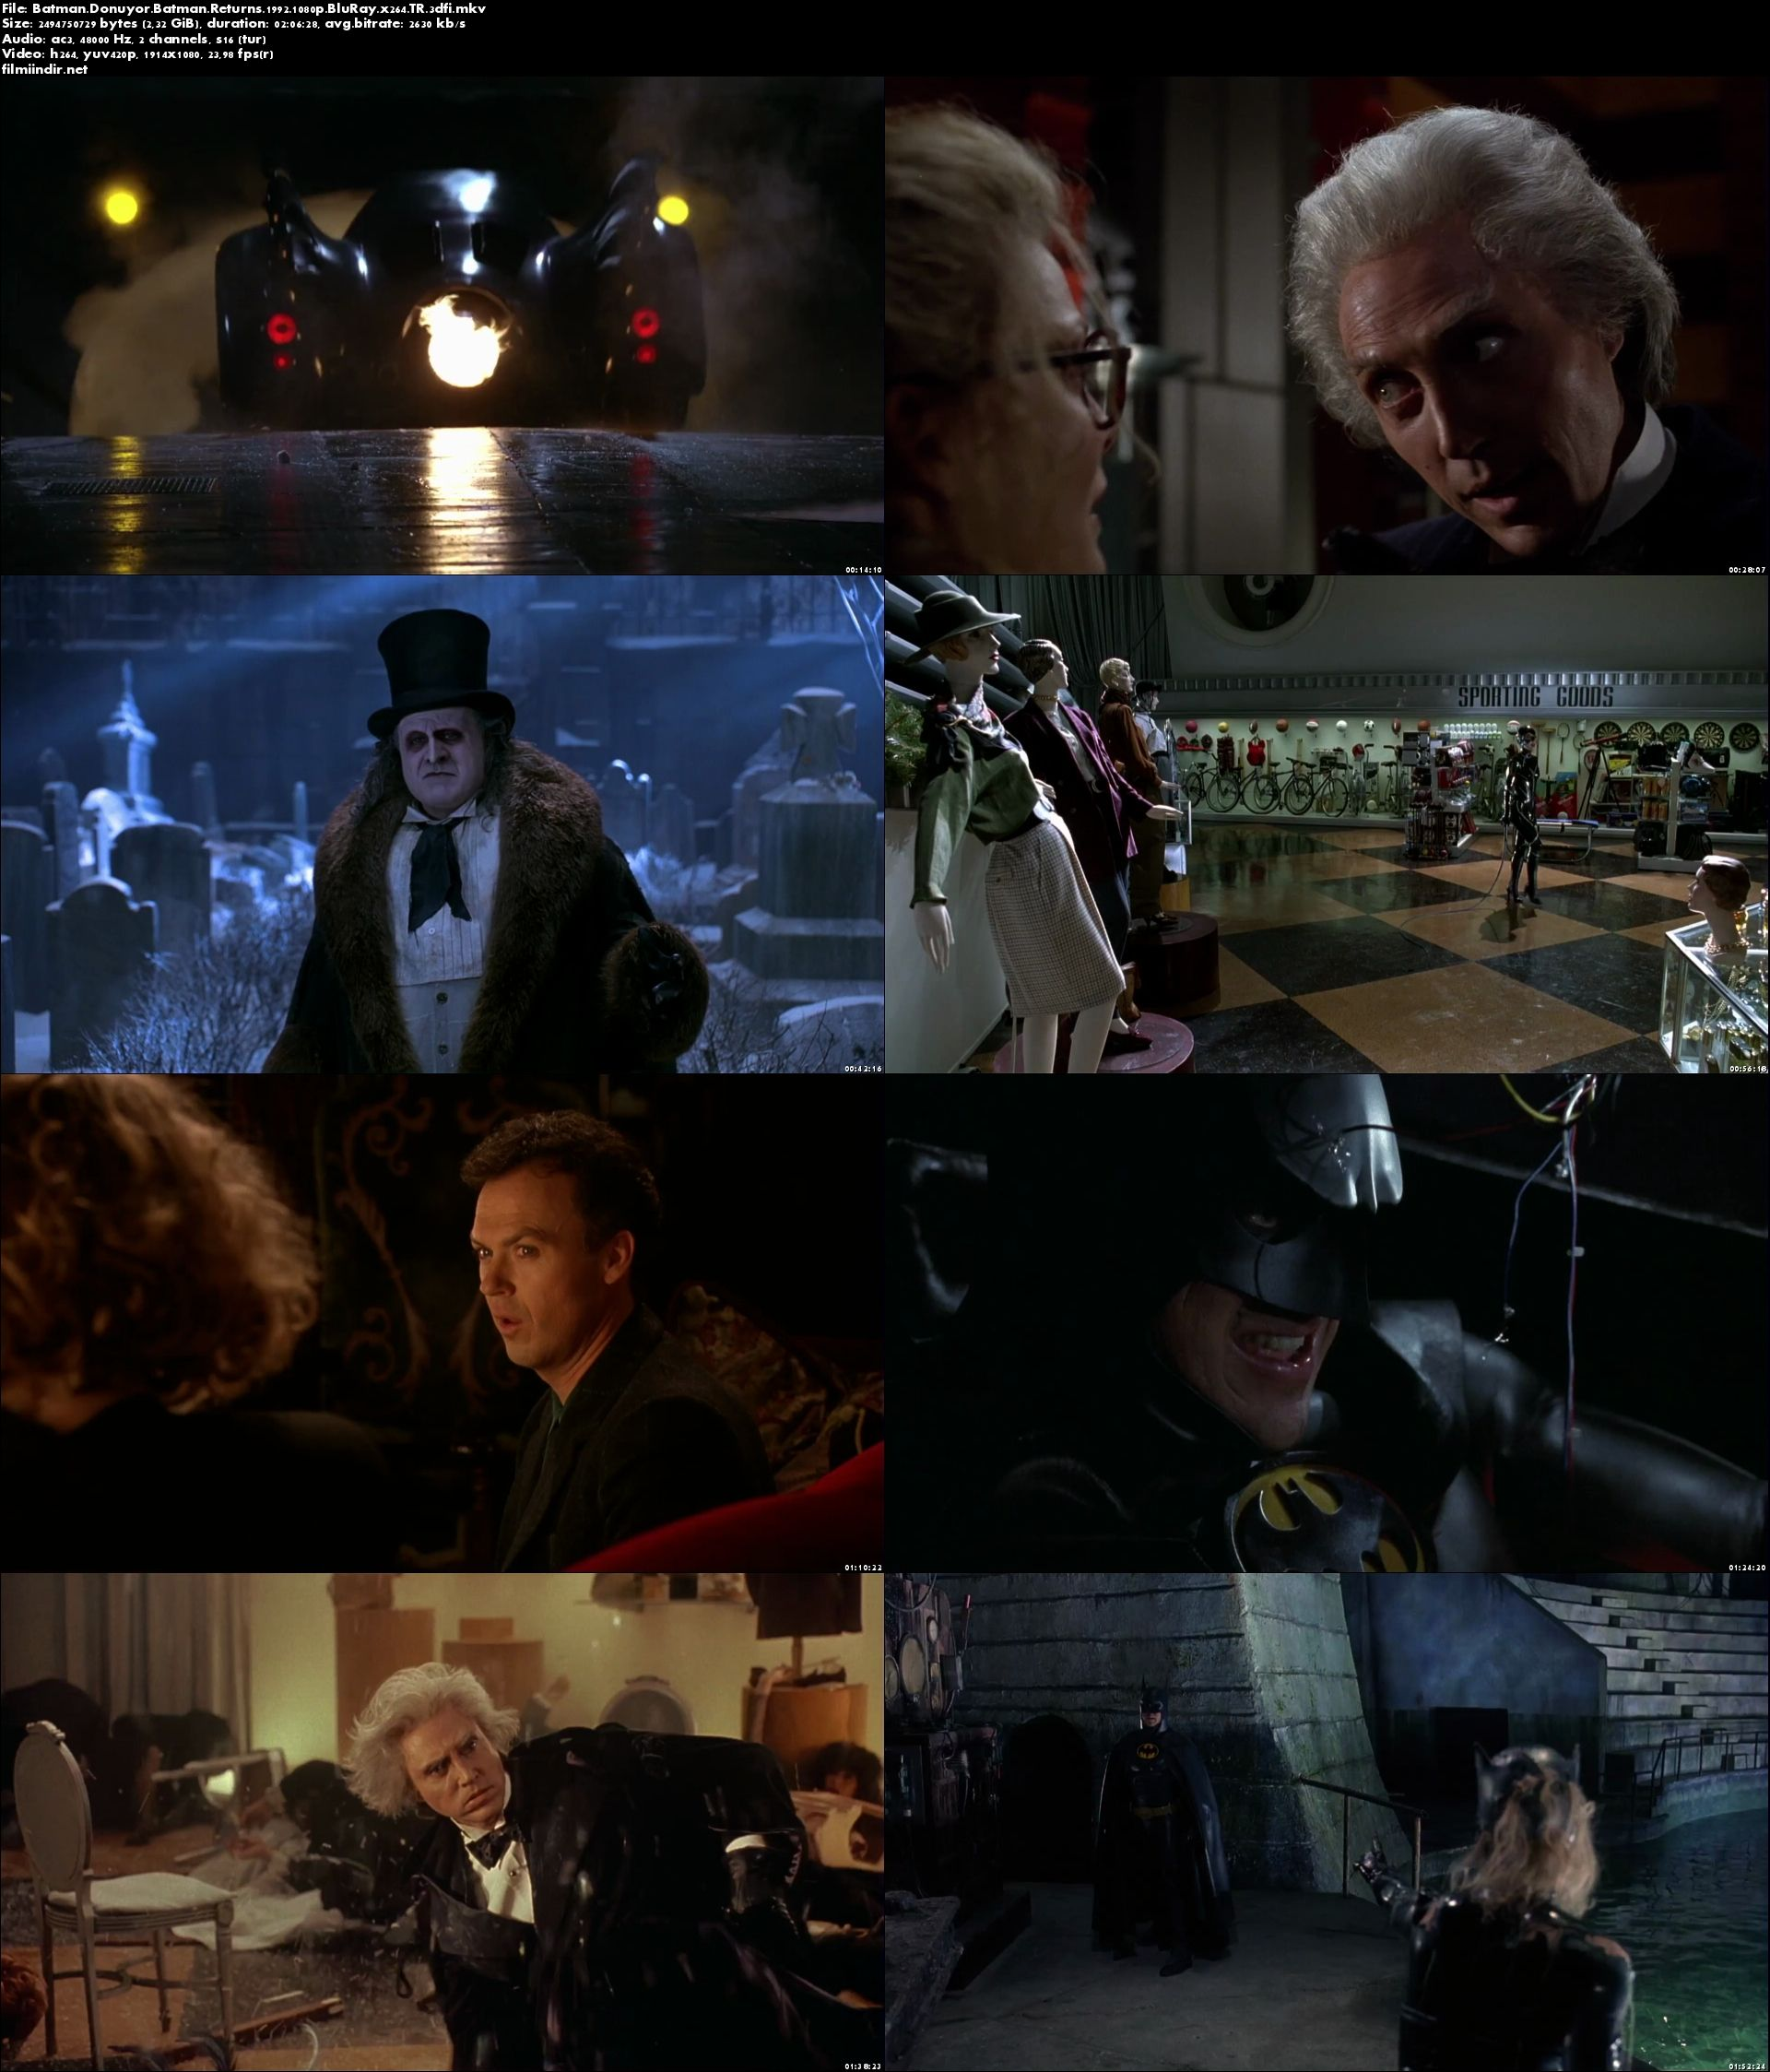 Batman Dönüyor - Batman Returns (1992) full türkçe dublaj film indir